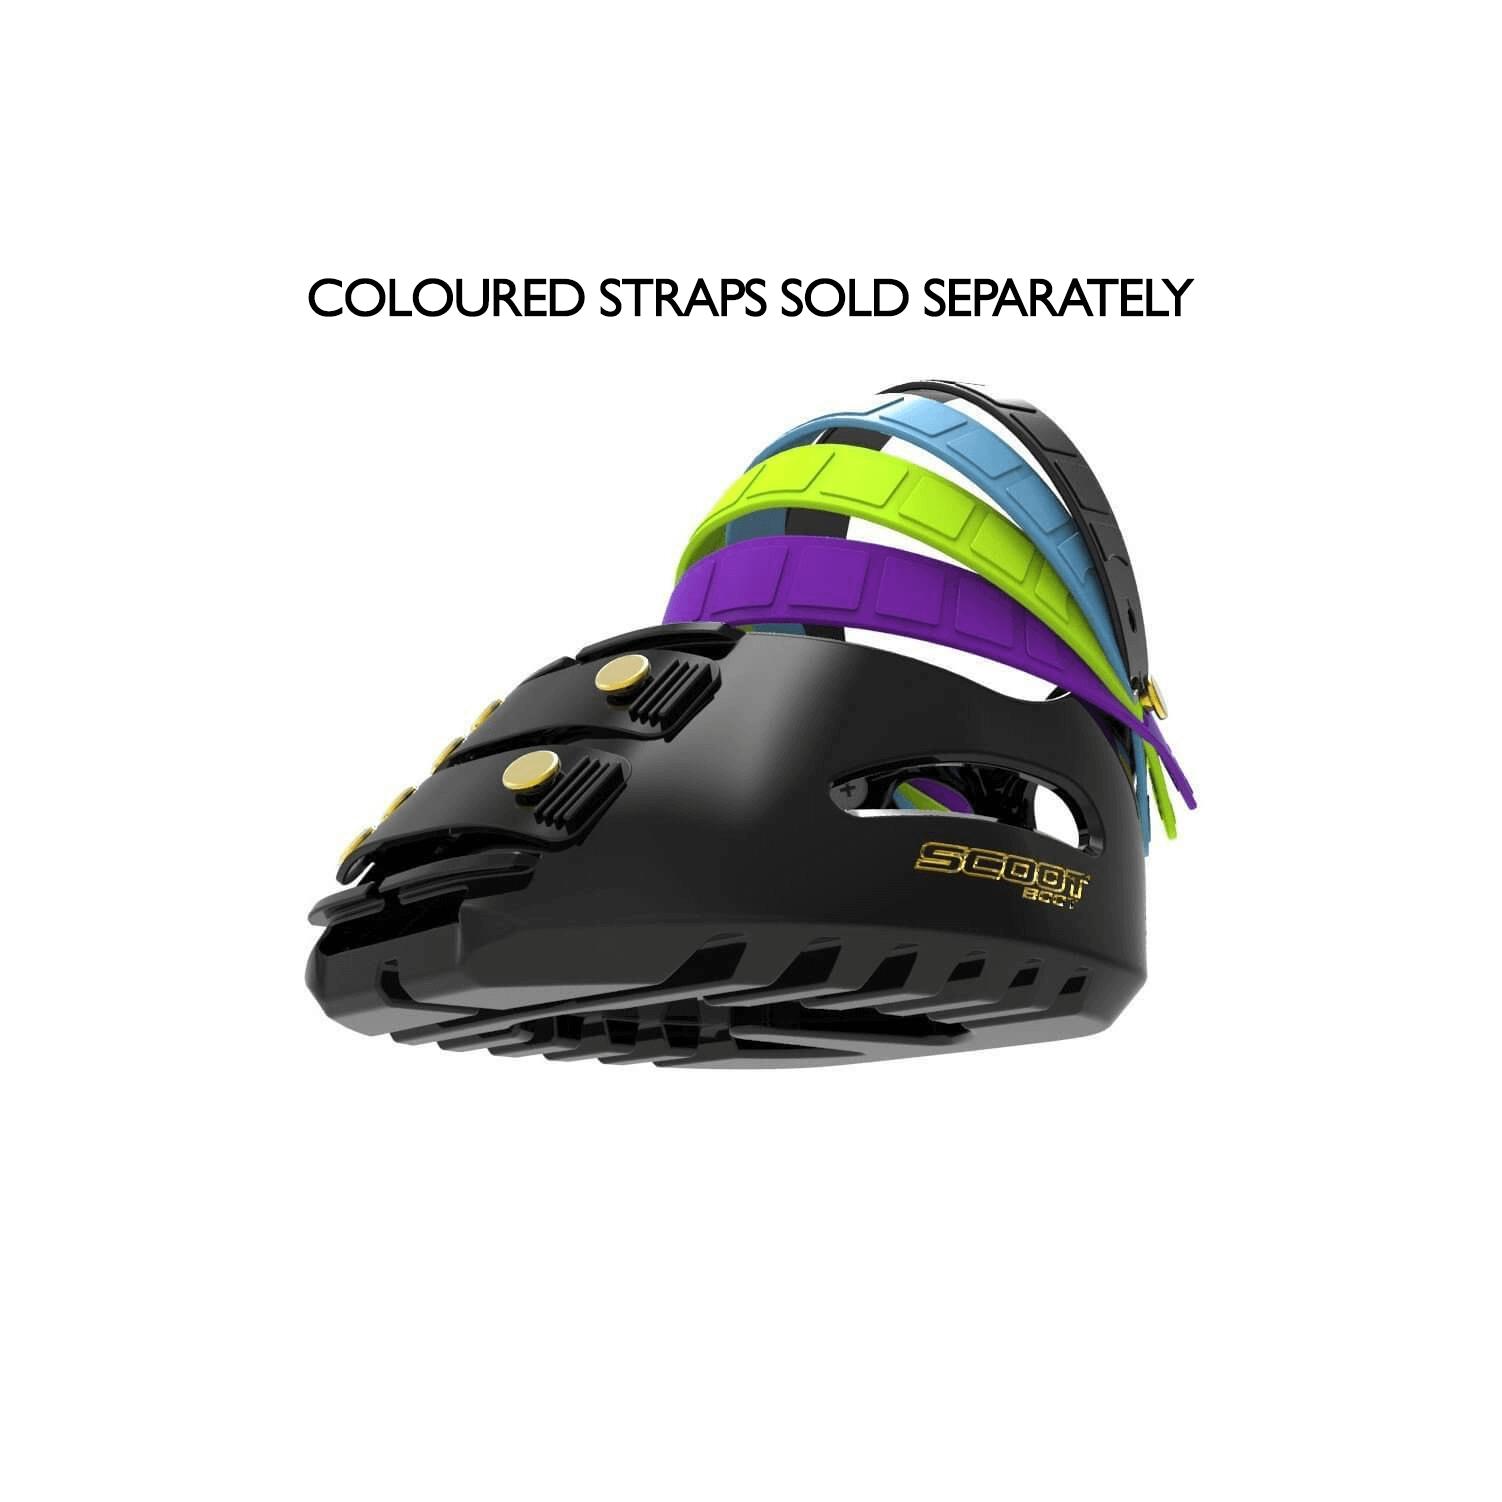 1 Paar Scoot Stiefel Hufschuhe GR GR Hufschuhe 9 zum Reiten und Fahren  Scoot-Stiefel d5ca30